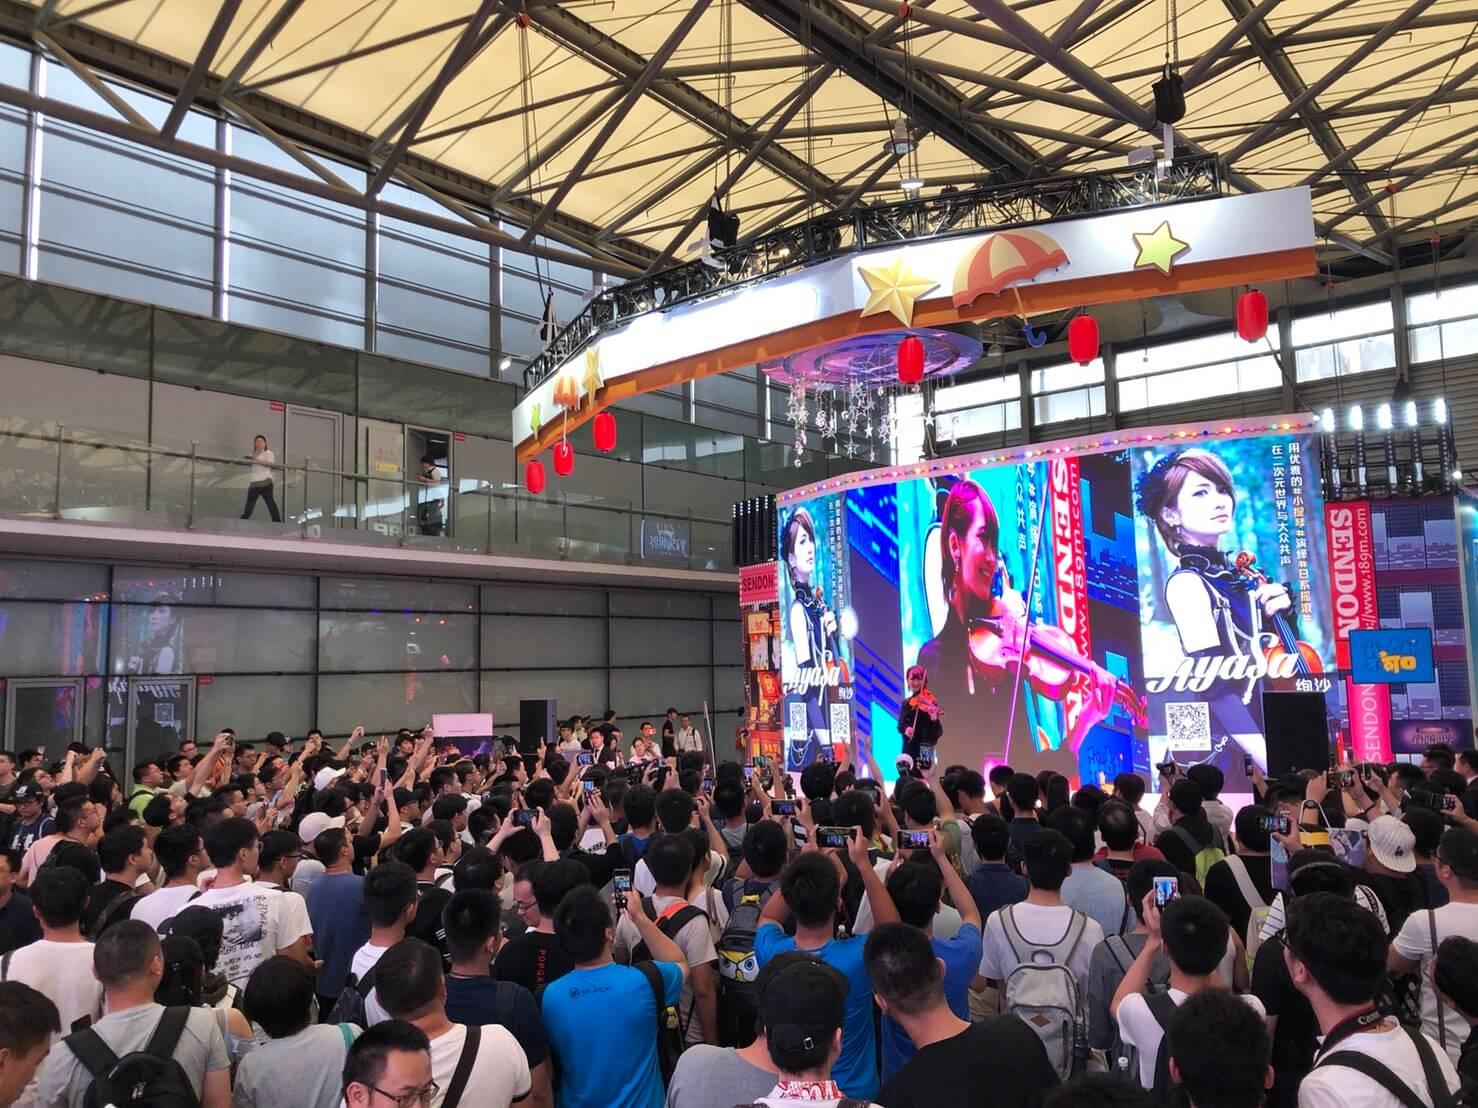 ロックヴァイオリニスト・Ayasa、中国「BiliBili」登録者10万人突破、アンコールワンマンLIVE開催サムネイル画像